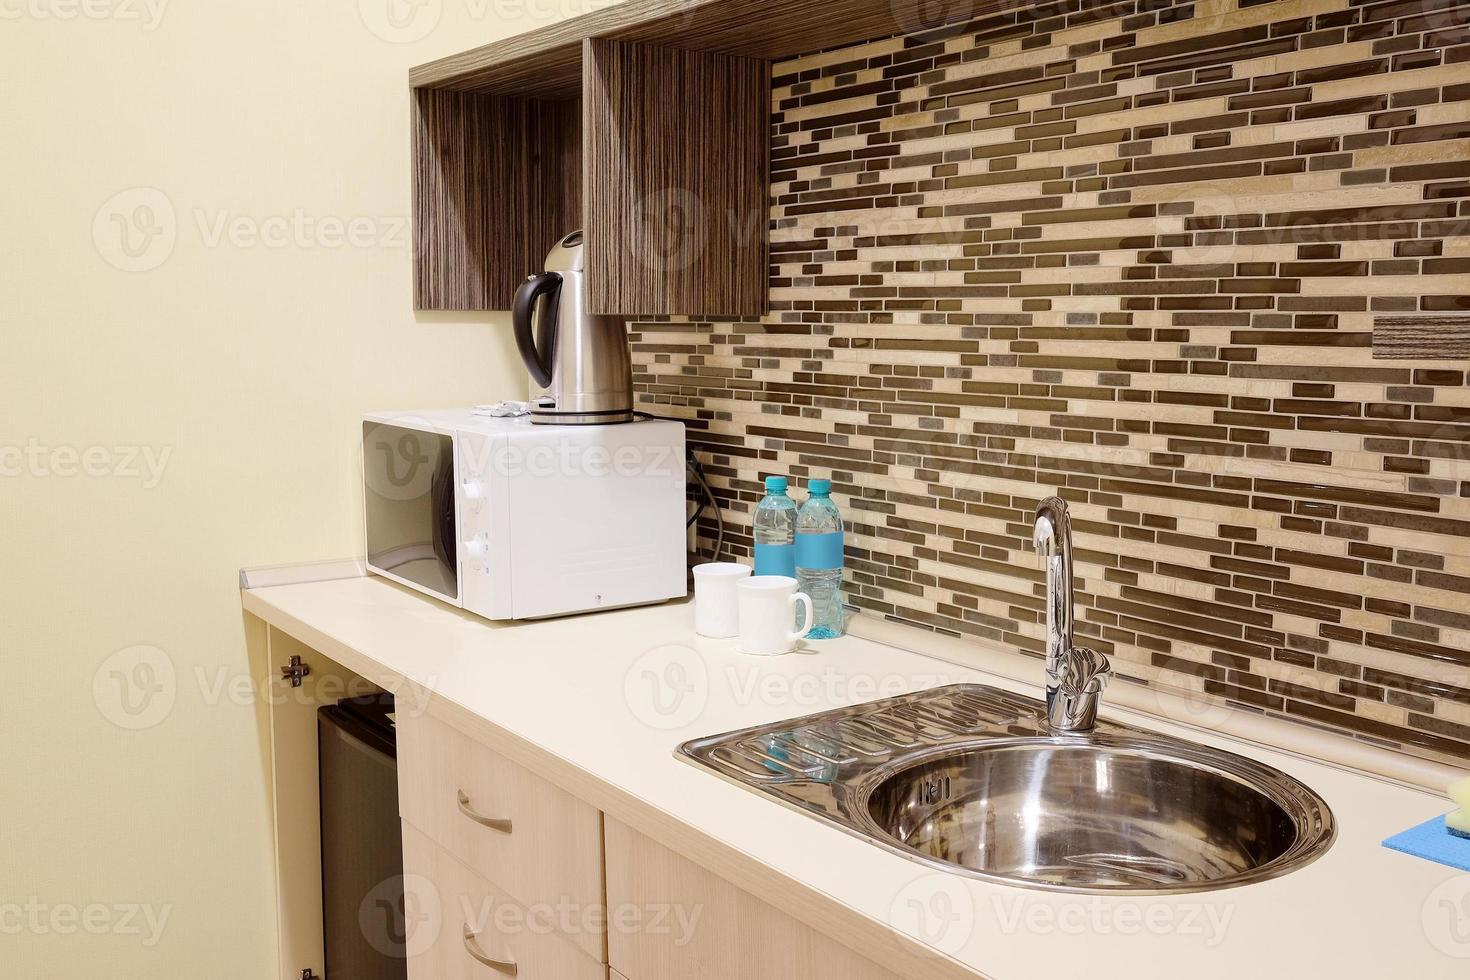 kleine Küche foto